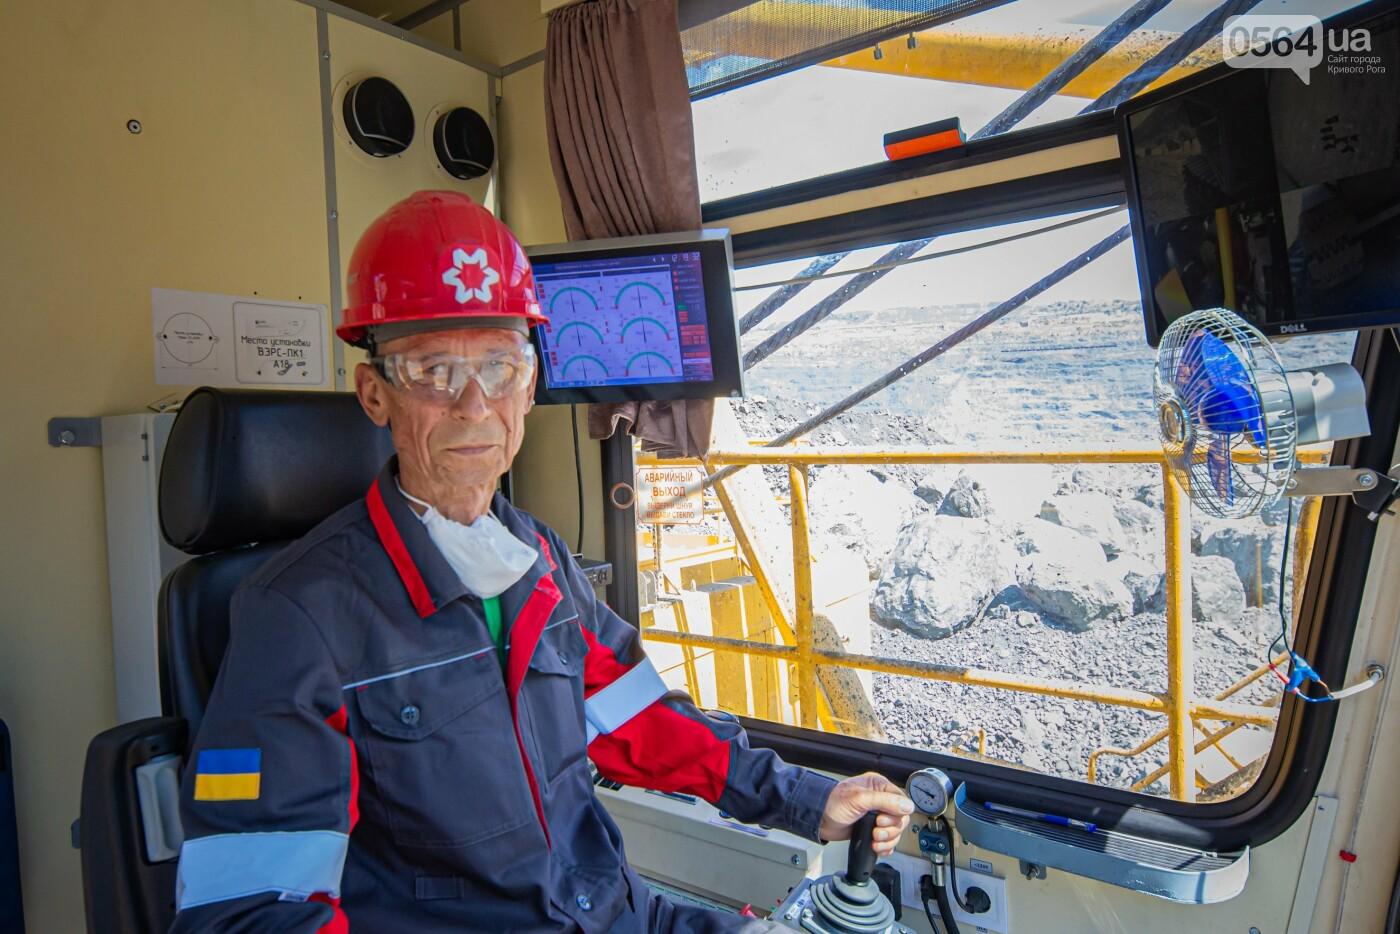 Северный ГОК инвестировал в обновление экскаваторного парка свыше 600 миллионов гривен, фото-2